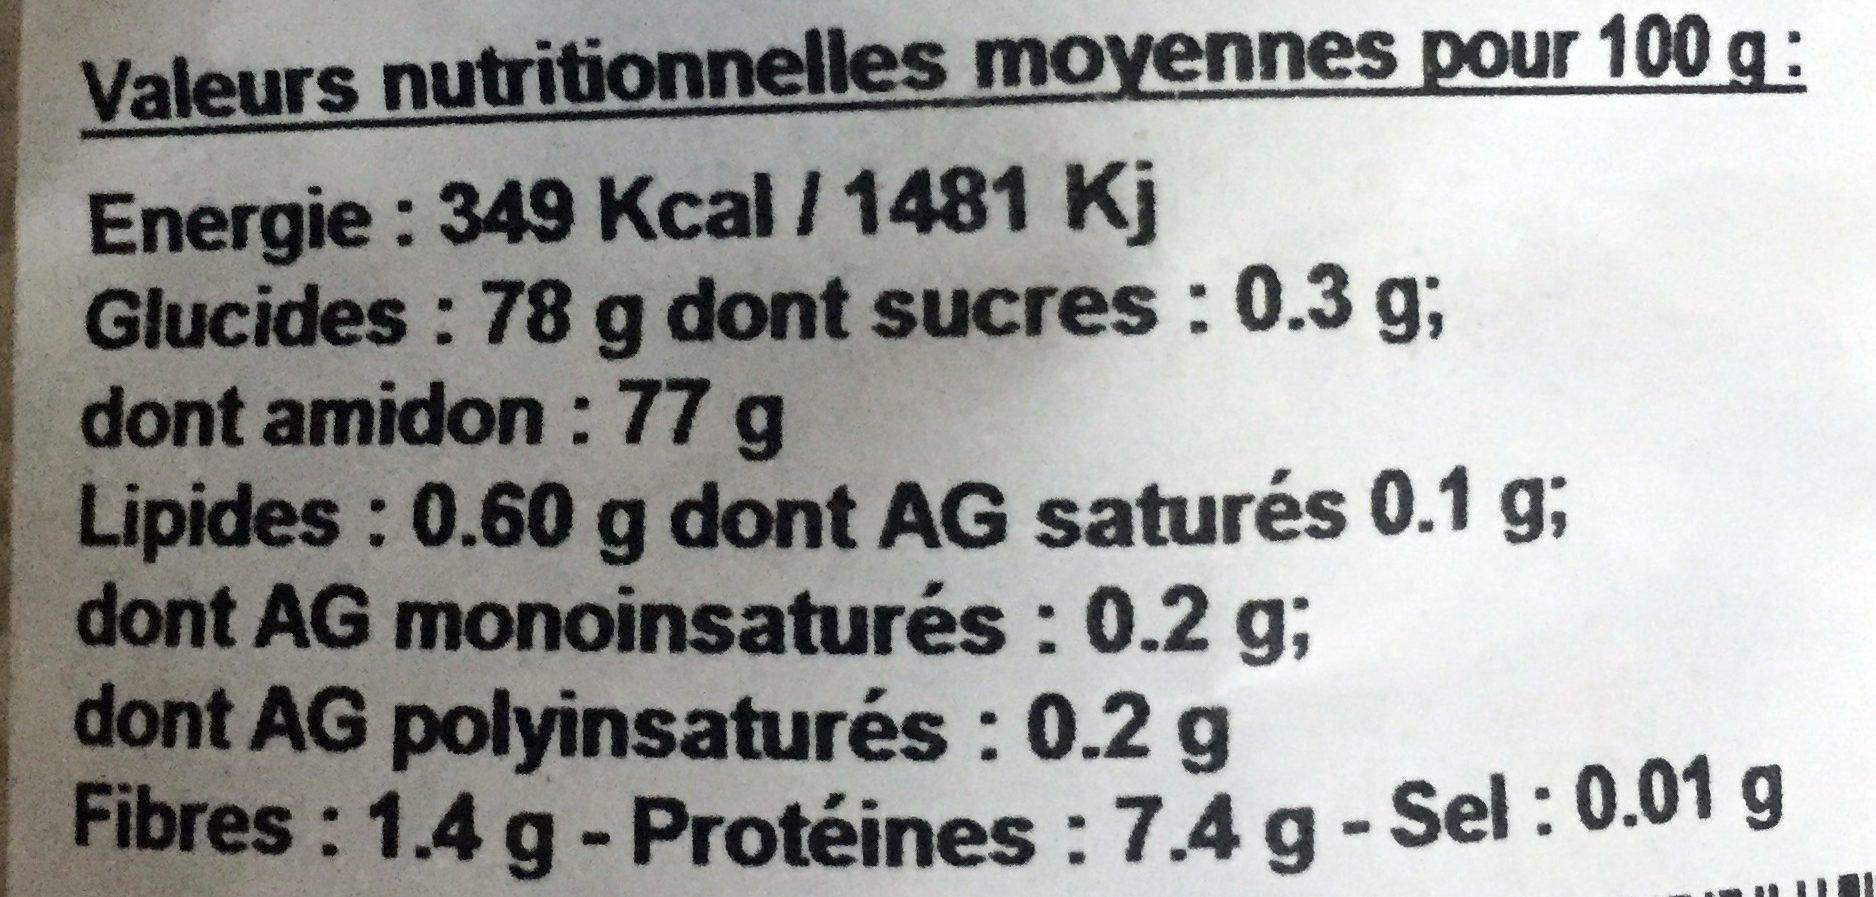 Préparation pour Risotto avec Cèpes du Quercy - Informations nutritionnelles